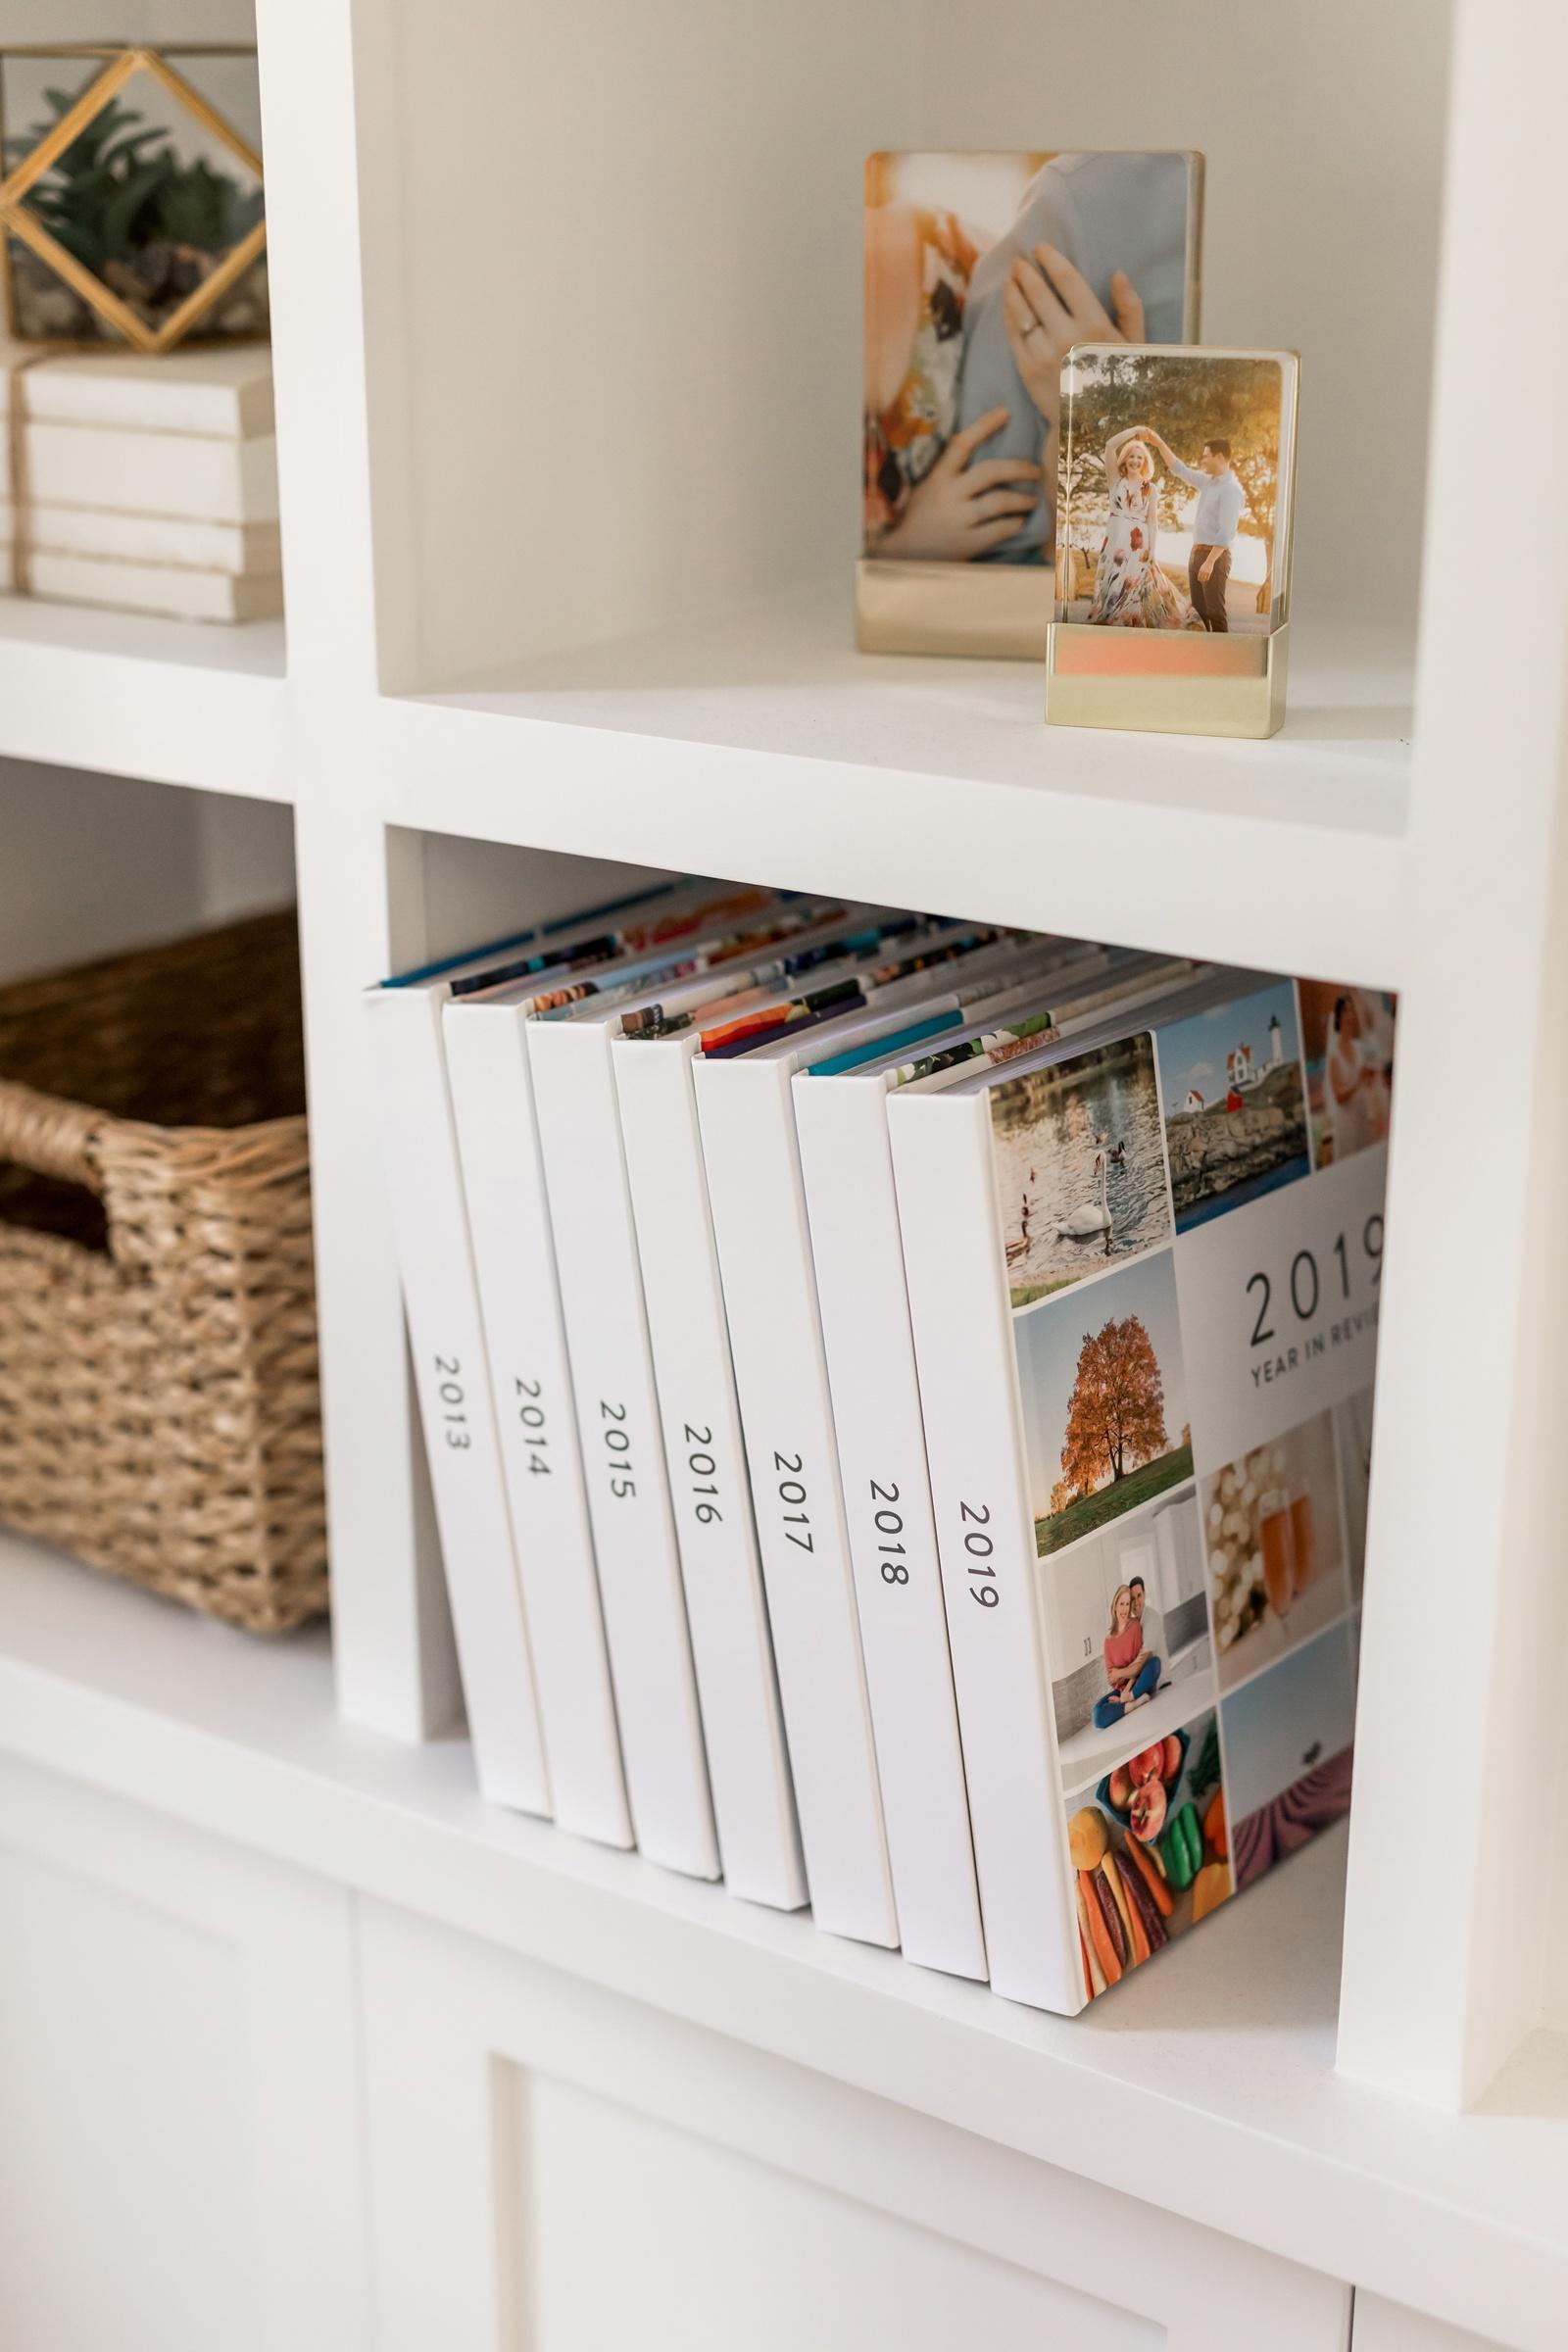 Blurb family yearbooks